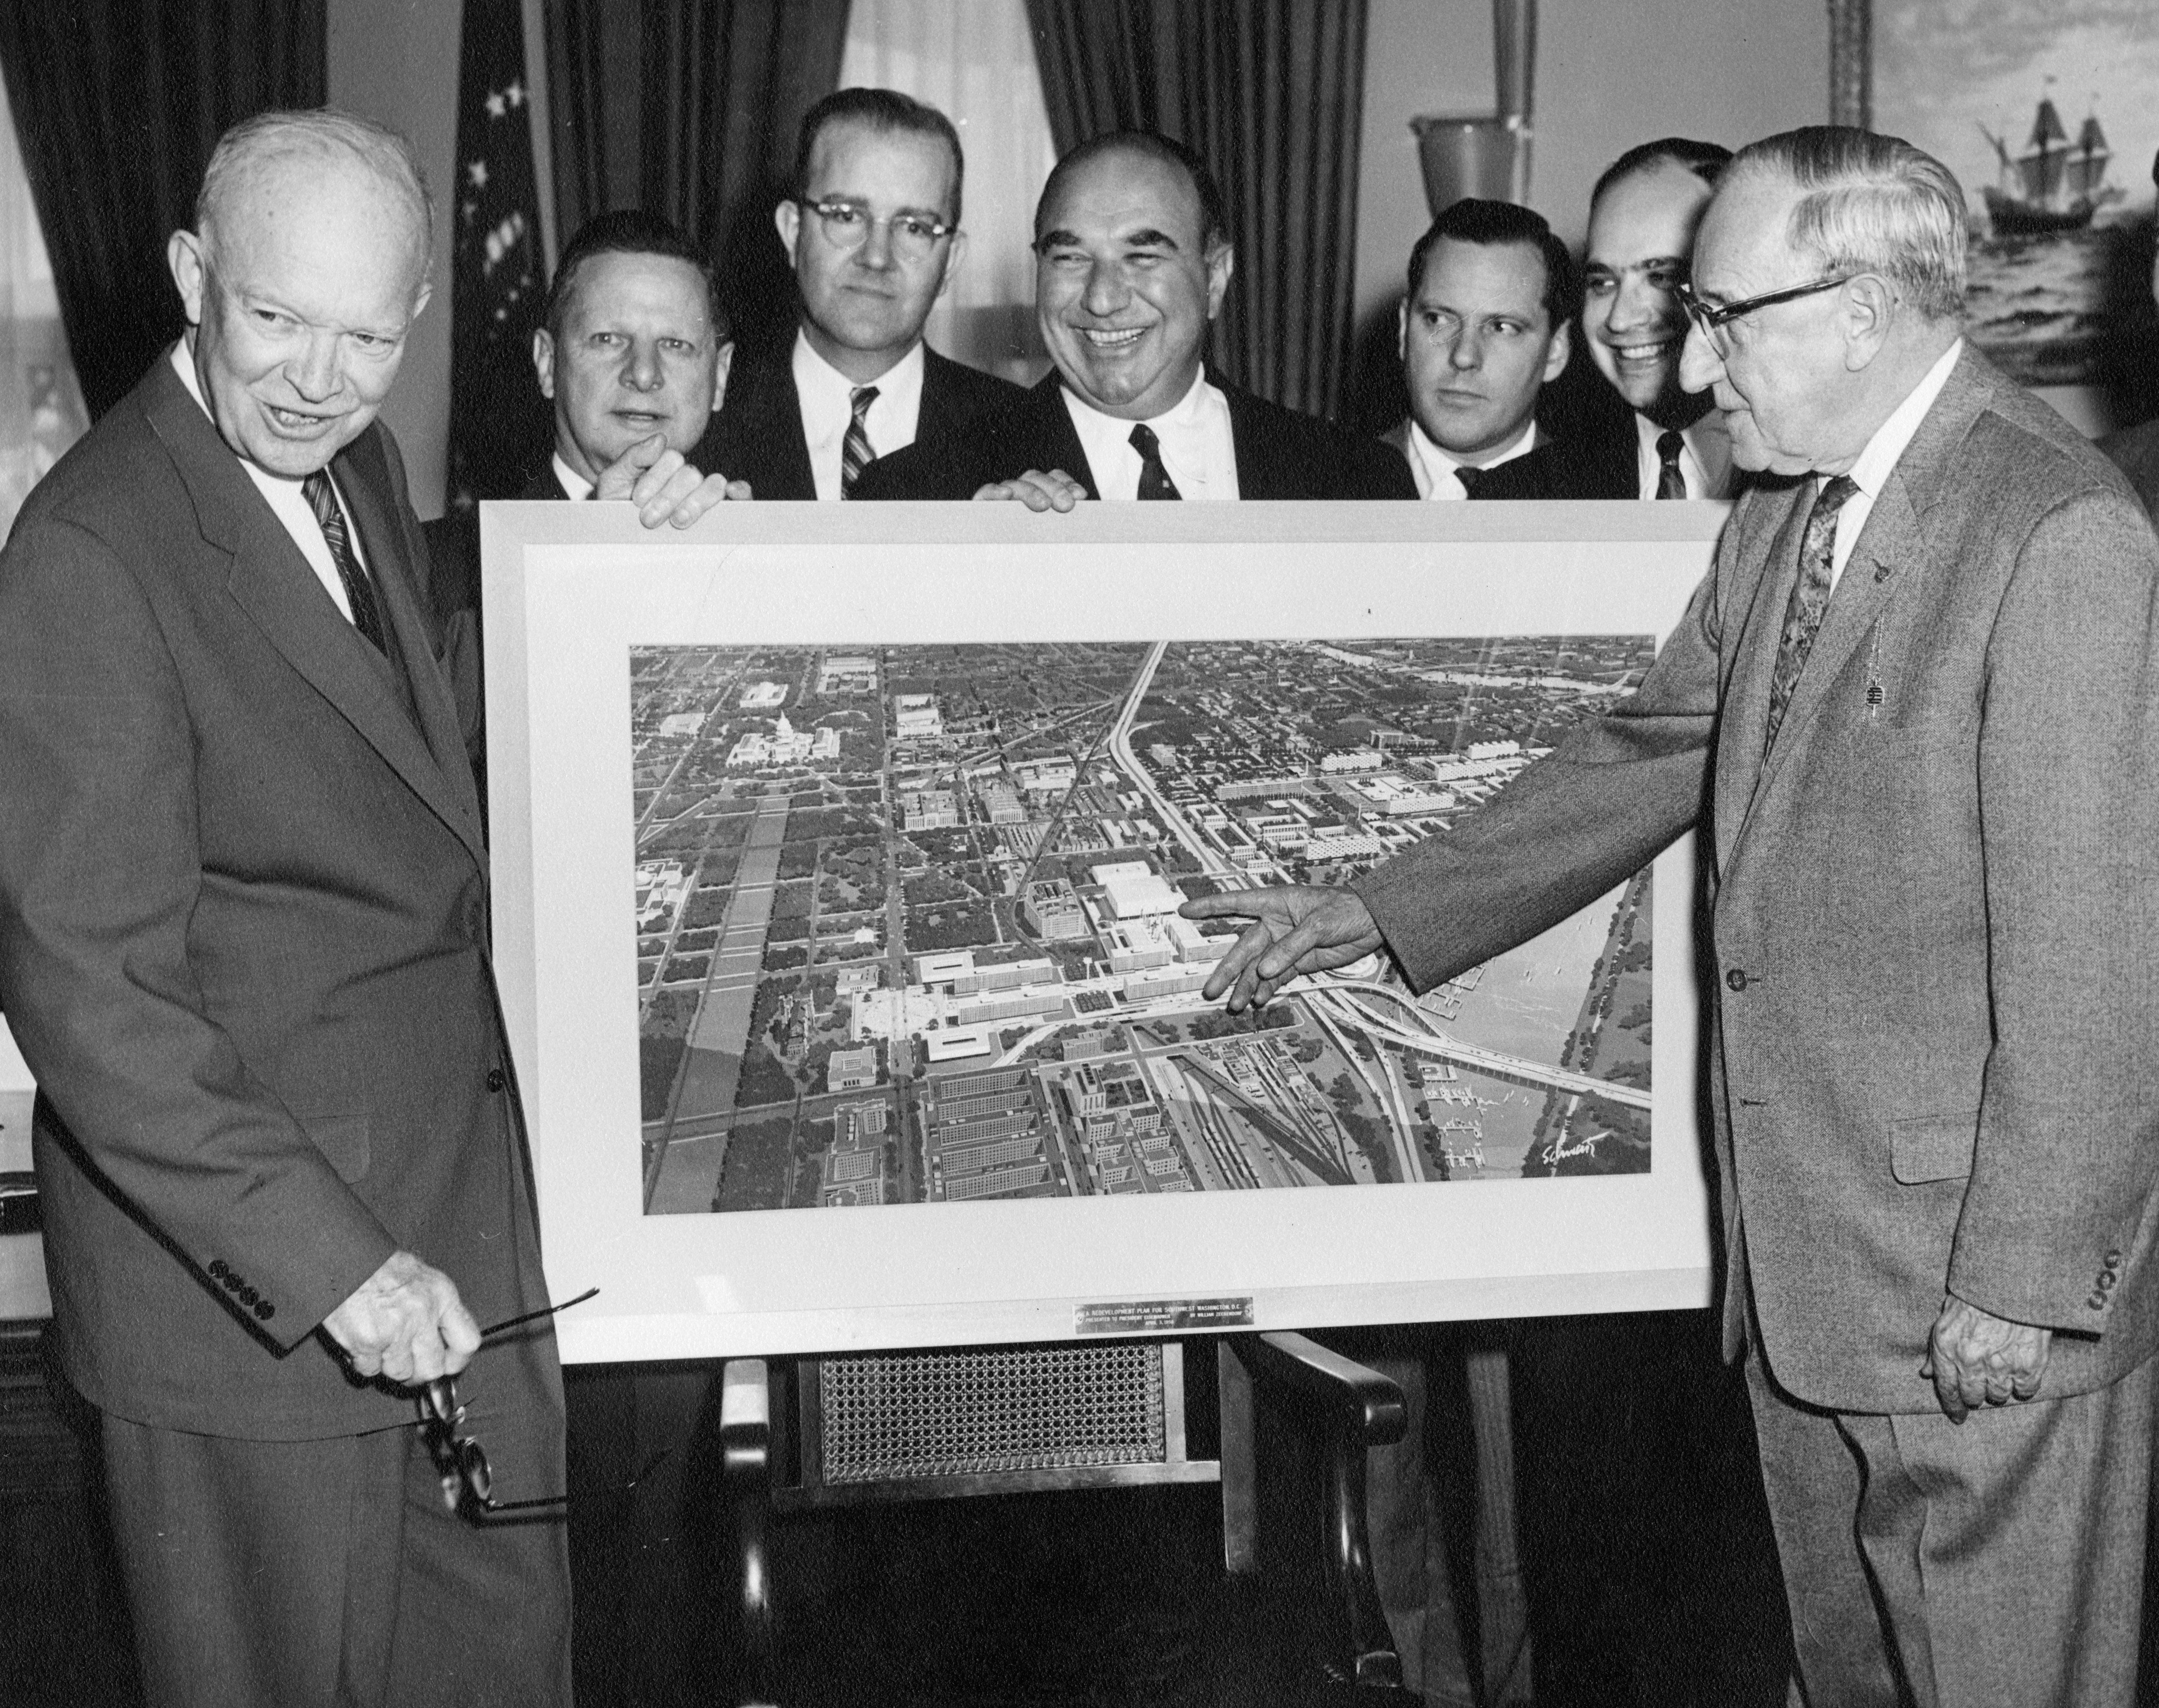 Eisenhower, urban renewal